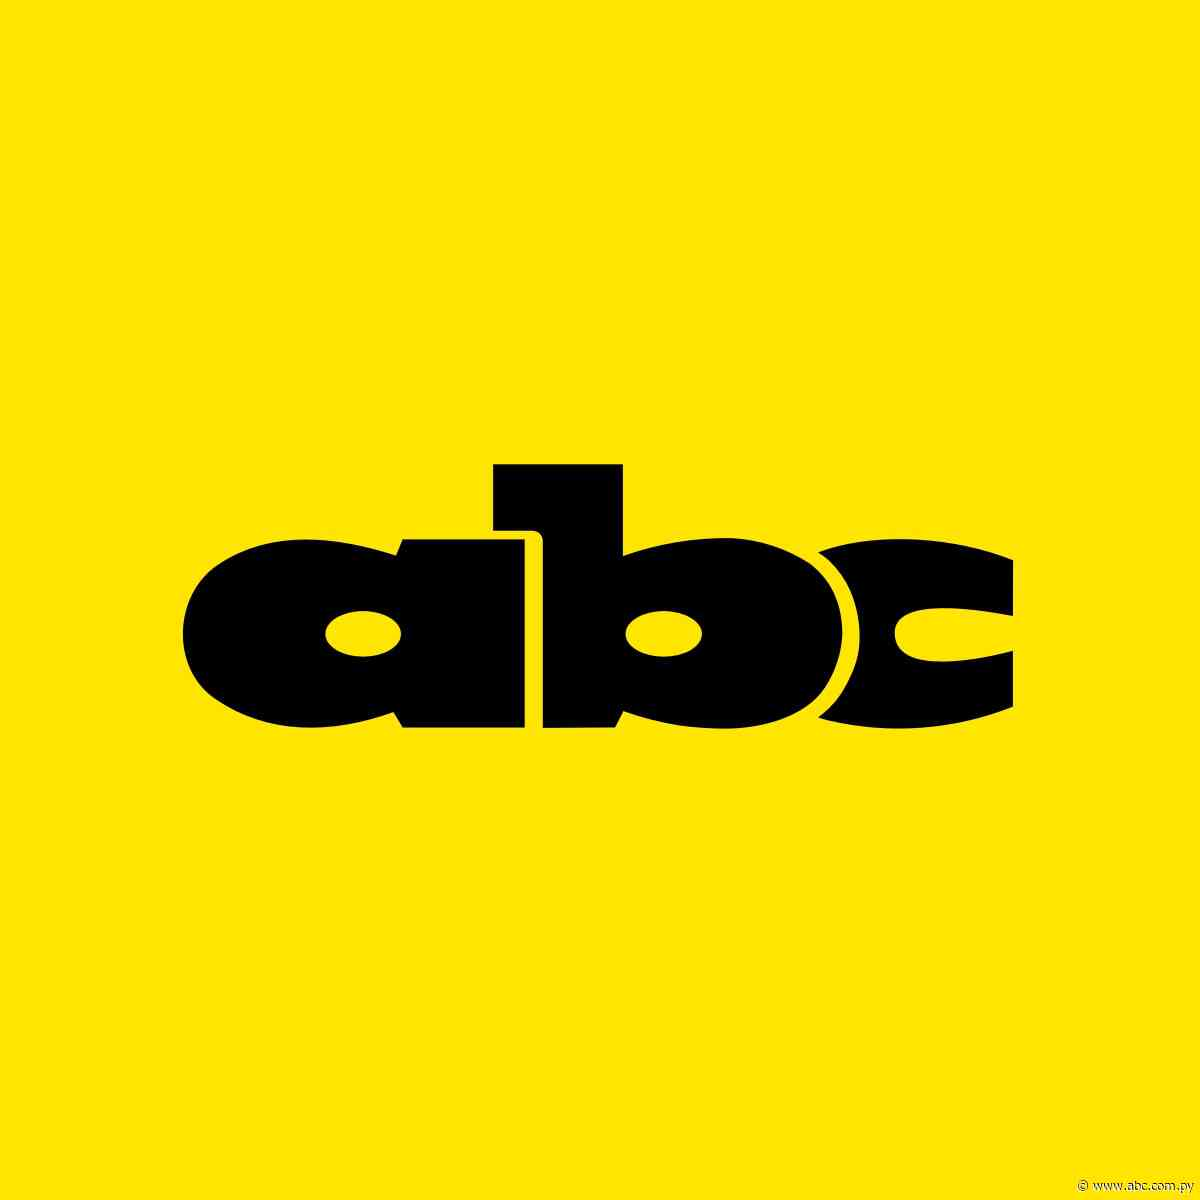 Beterete Cue ahora pertenece a Municipalidad de Nanawa - Nacionales - ABC Color